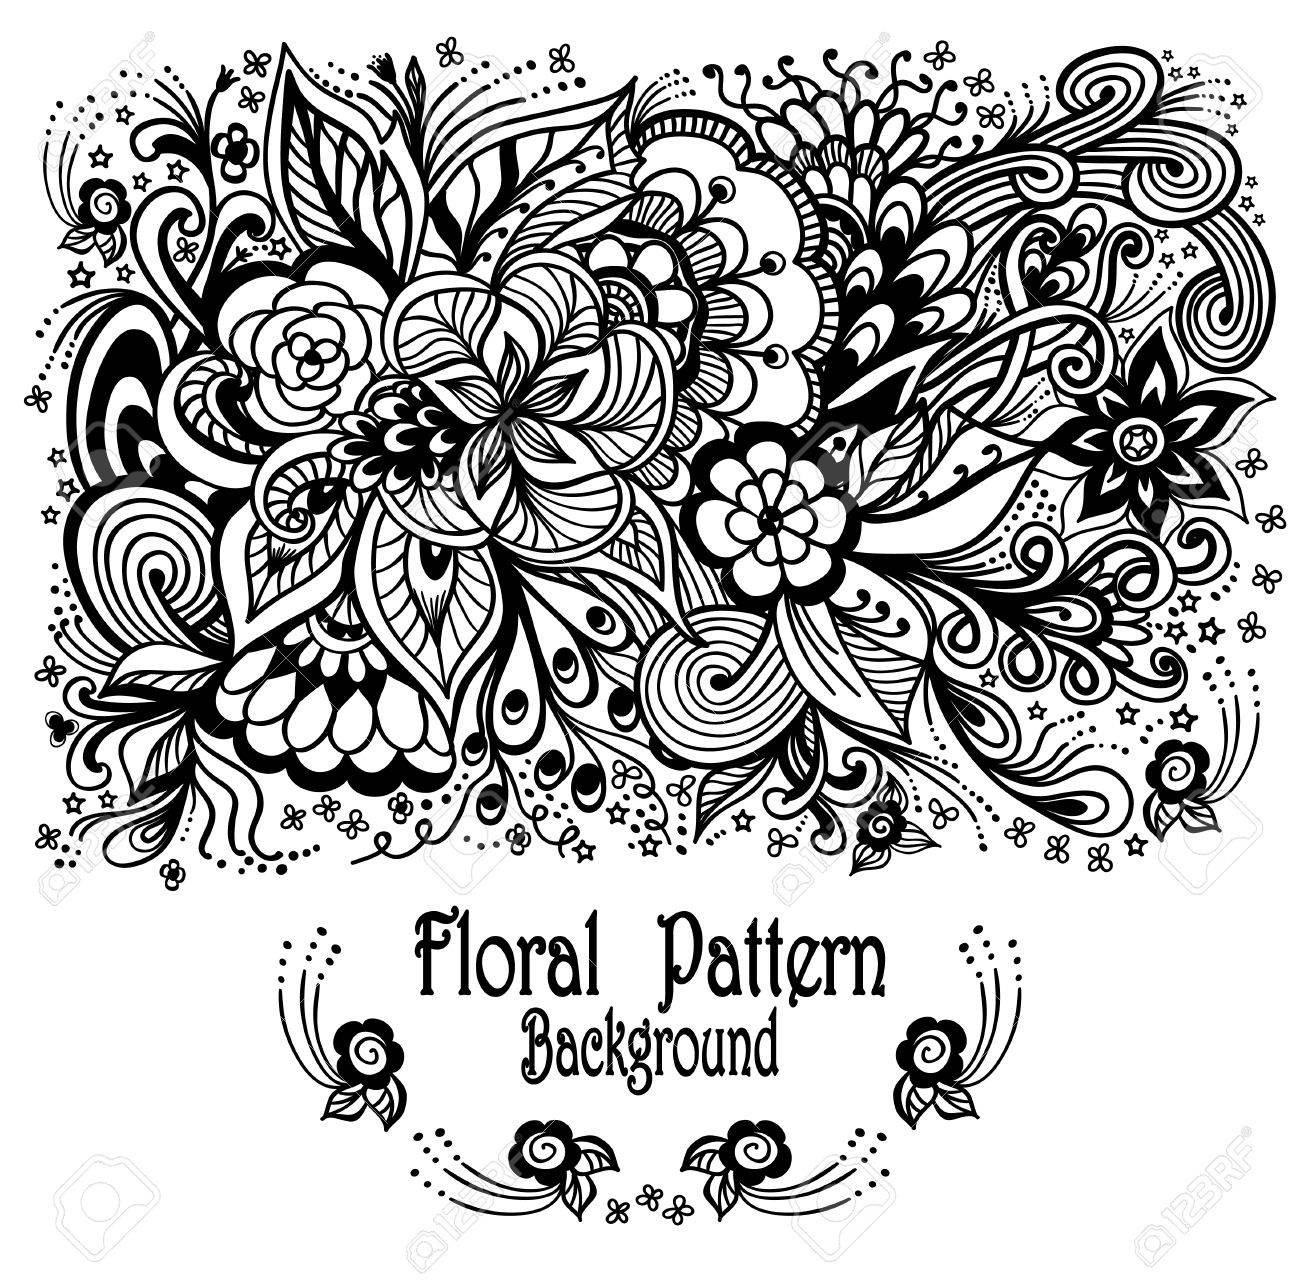 Hintergrund Mit Zen-Gekritzelblumen Muster Schwarz Auf Weiß Für ...